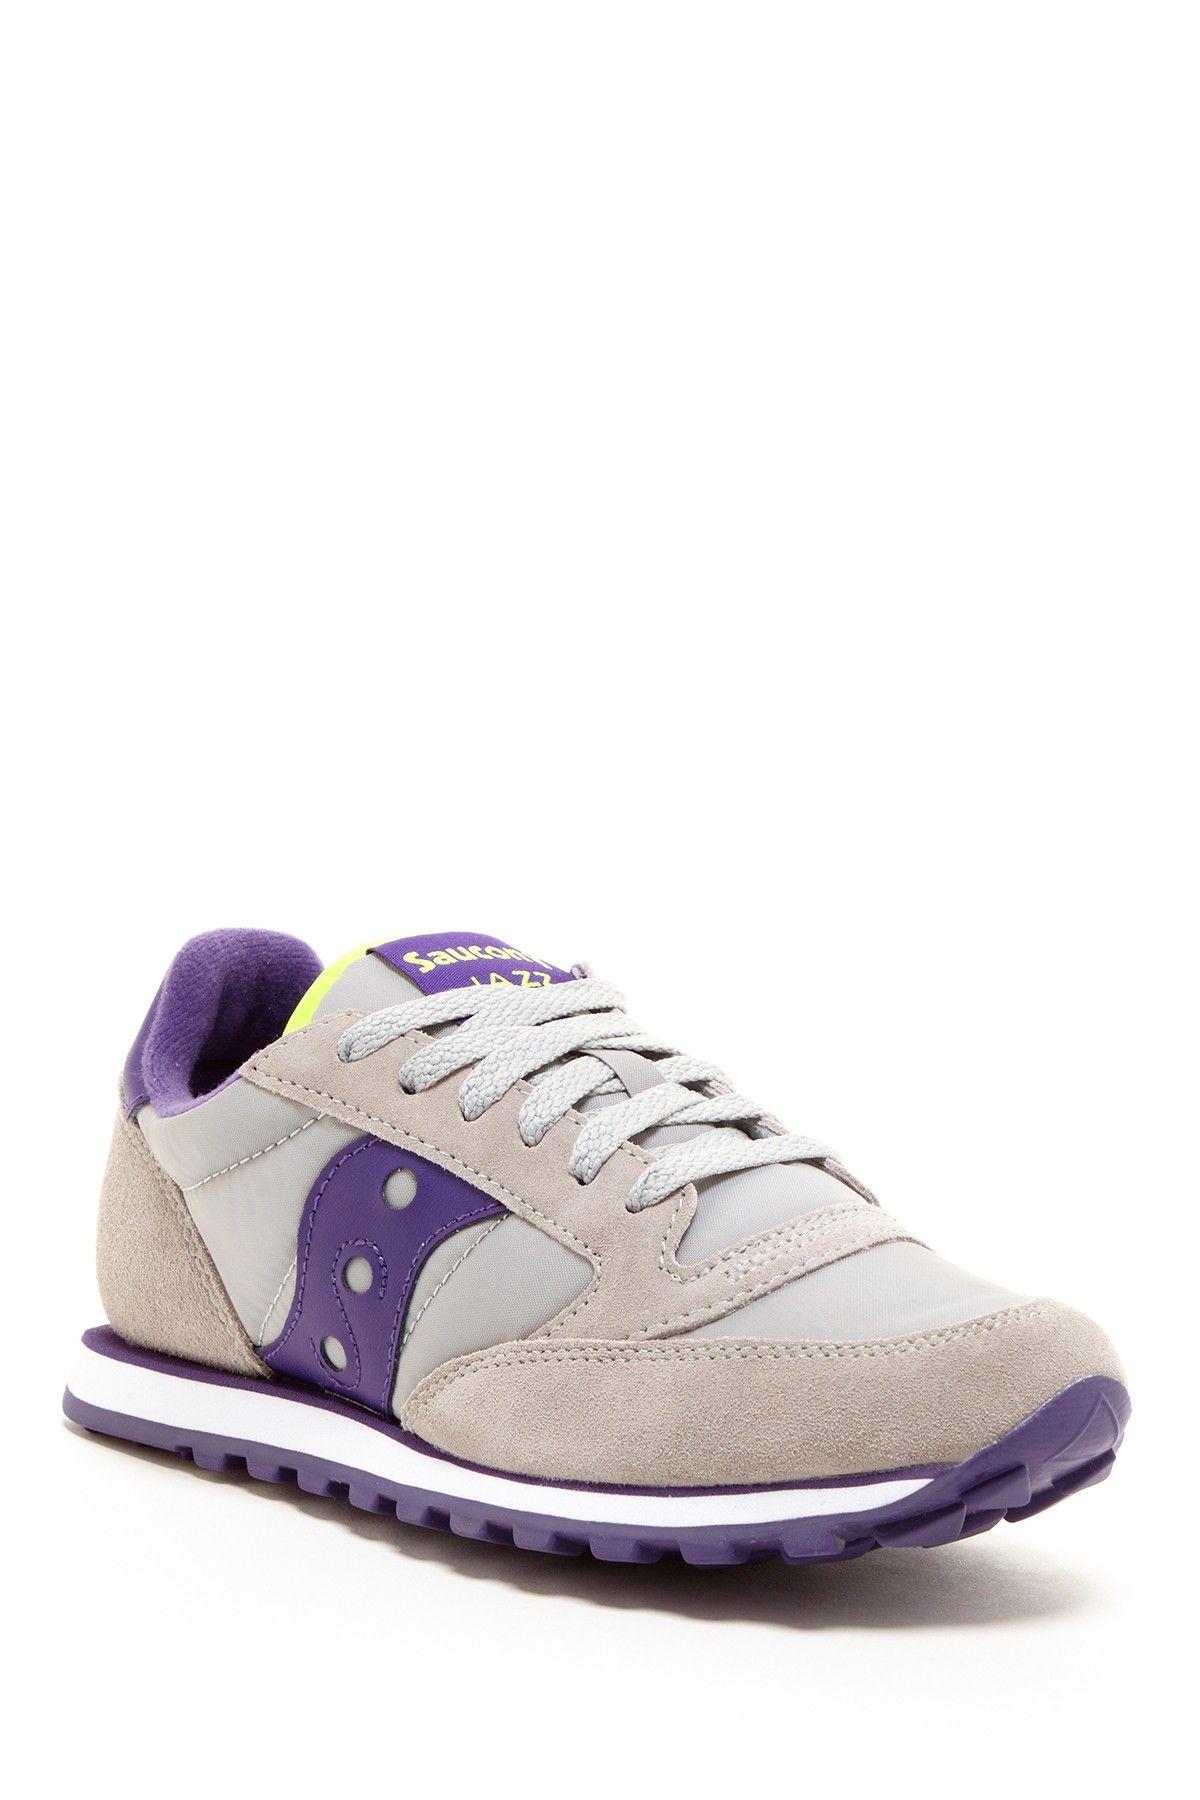 Saucony | Jazz Low Pro Sneaker